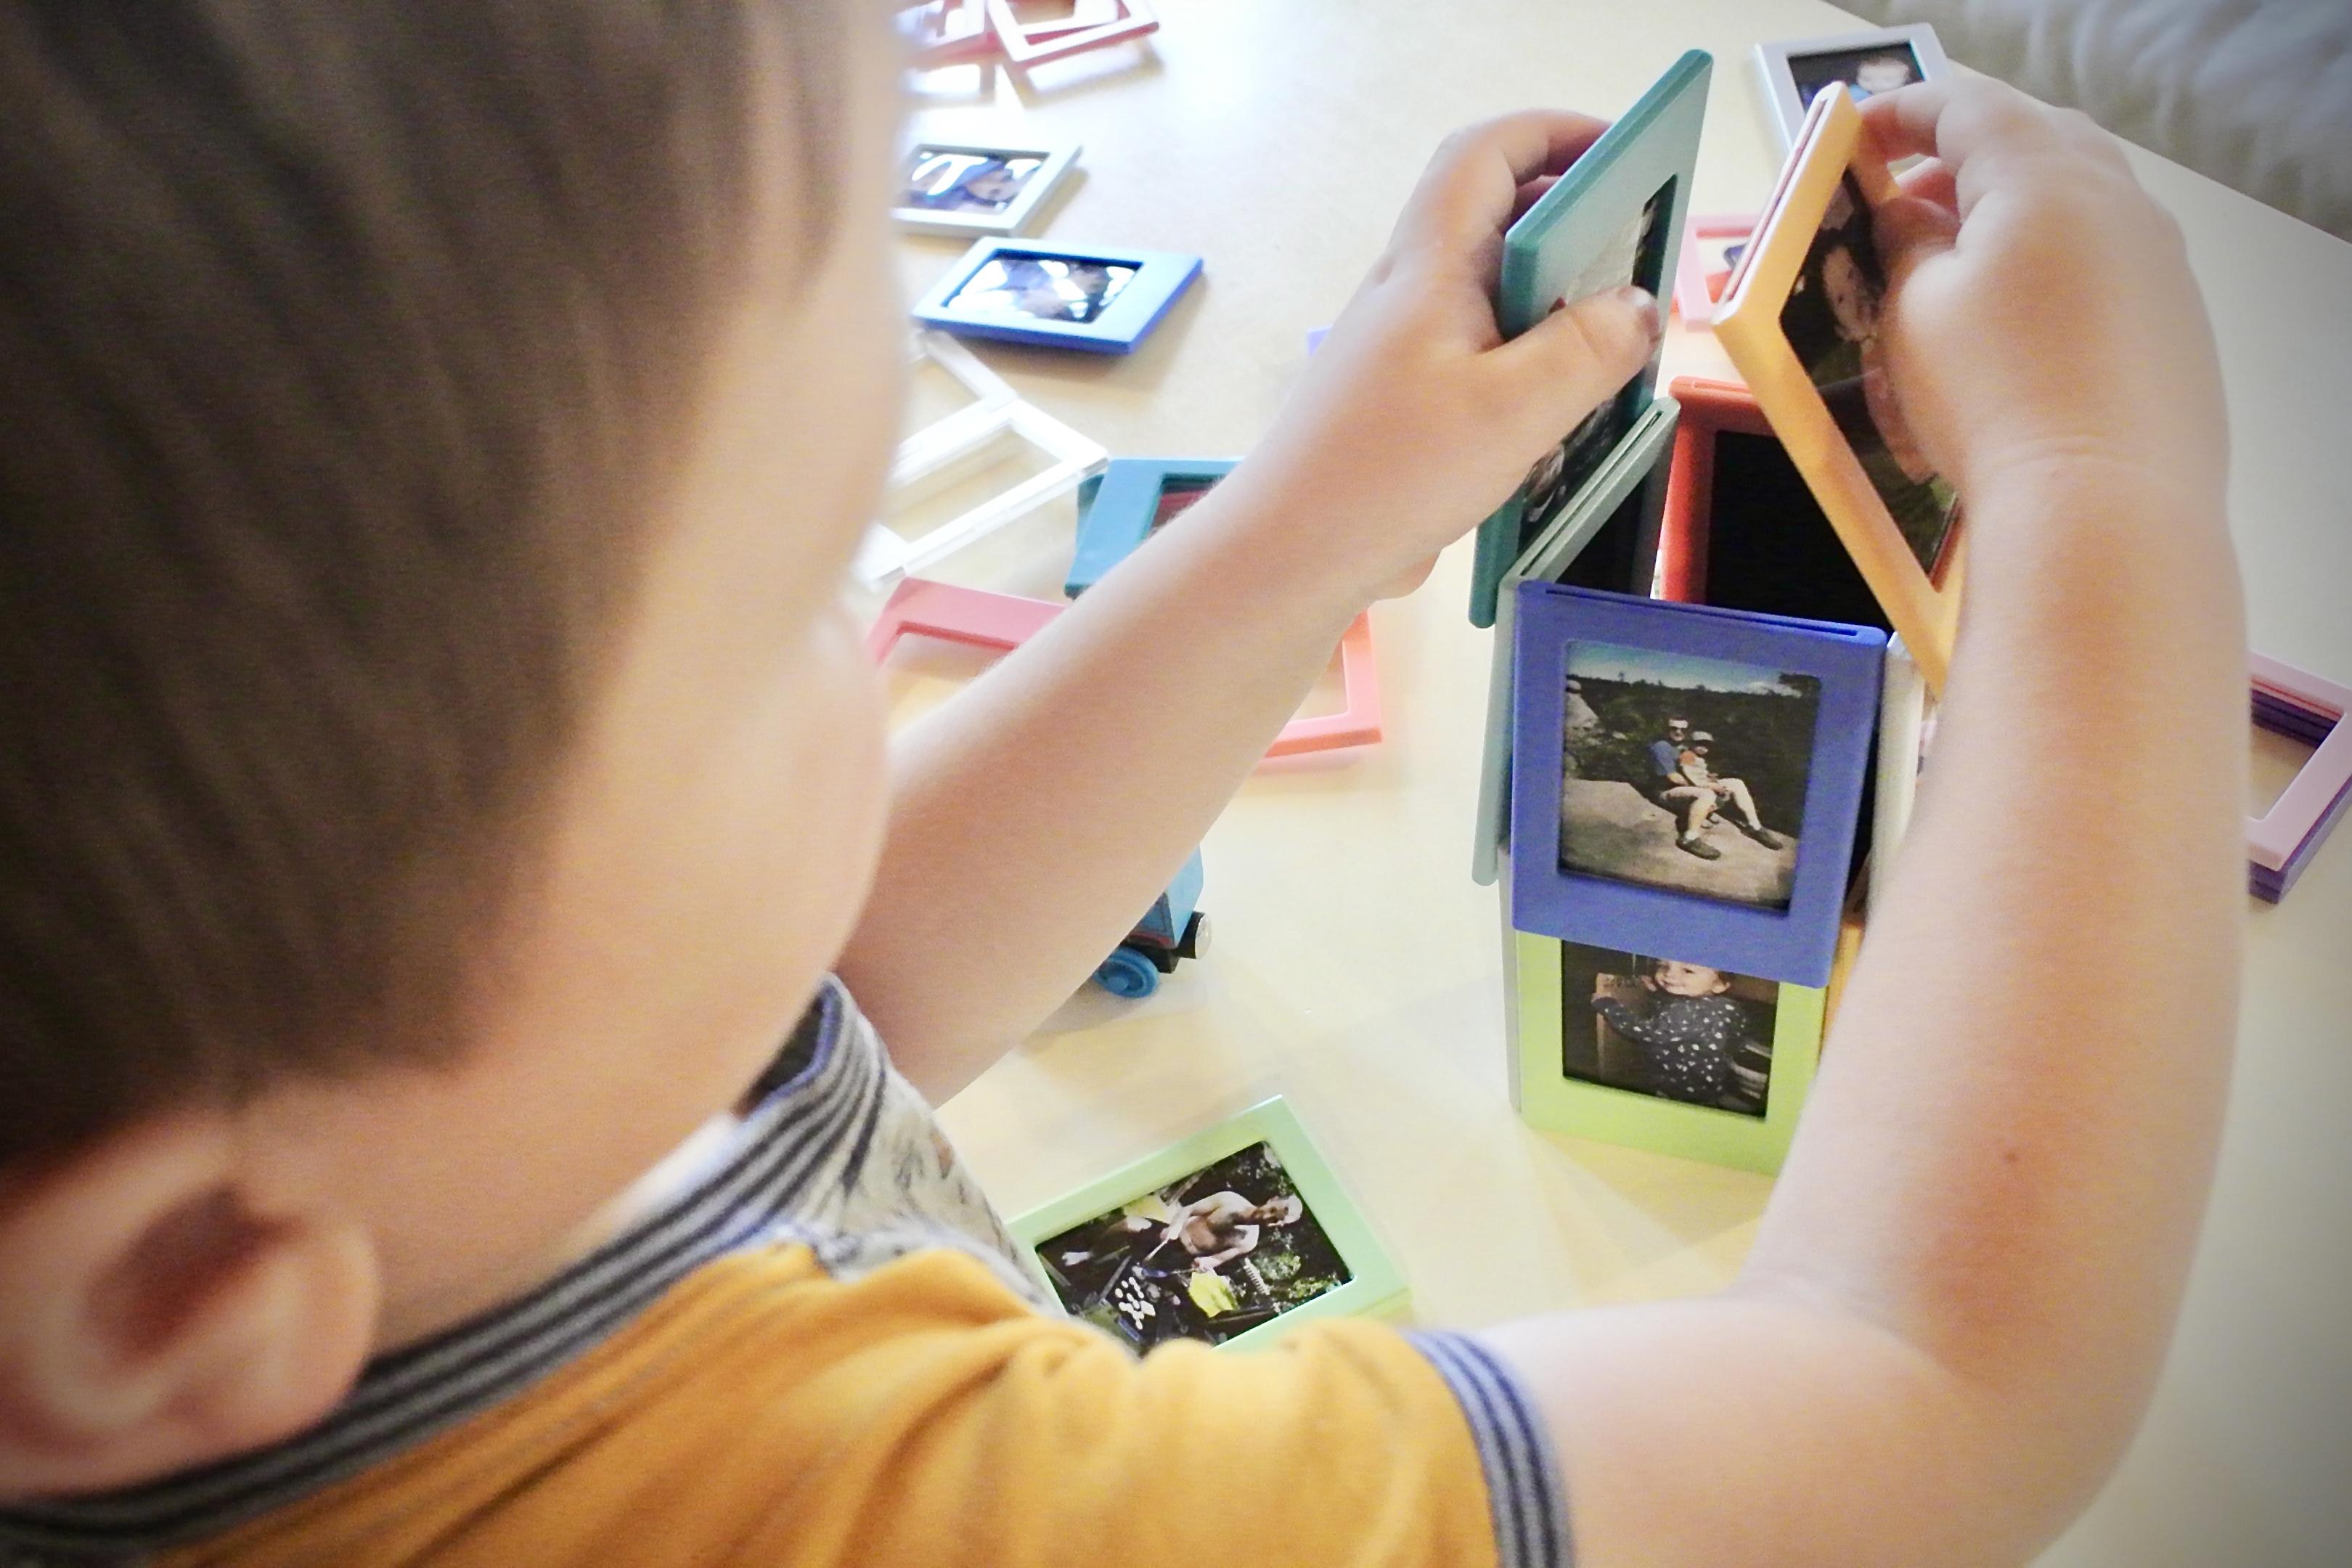 Objevte v sobě dětskou hravost s magnetickými fotorámečky